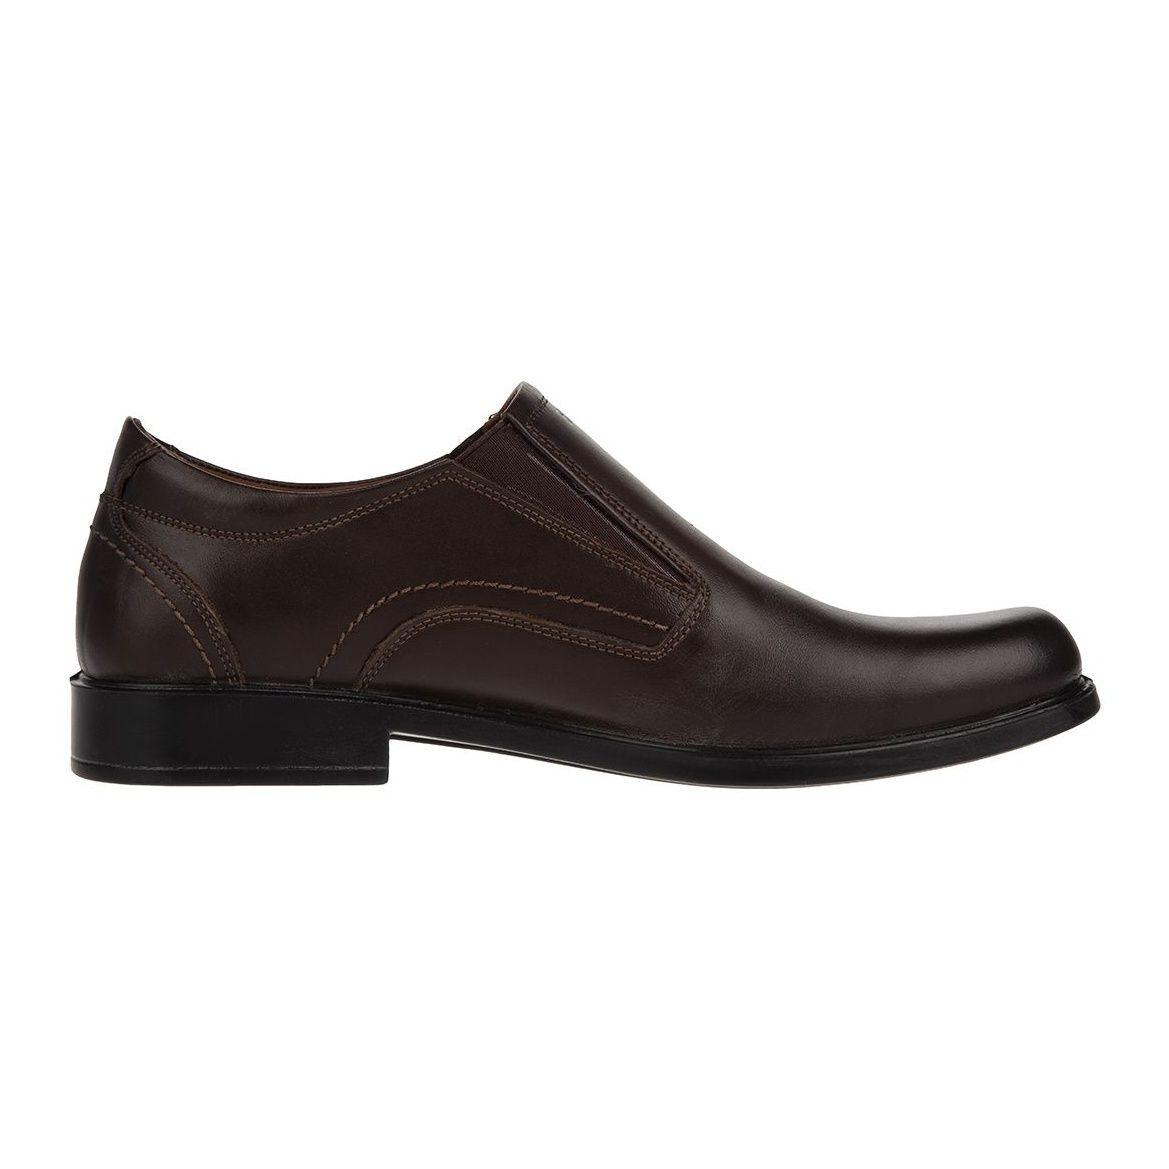 کفش مردانه رادین کد 1986-6 -  - 6